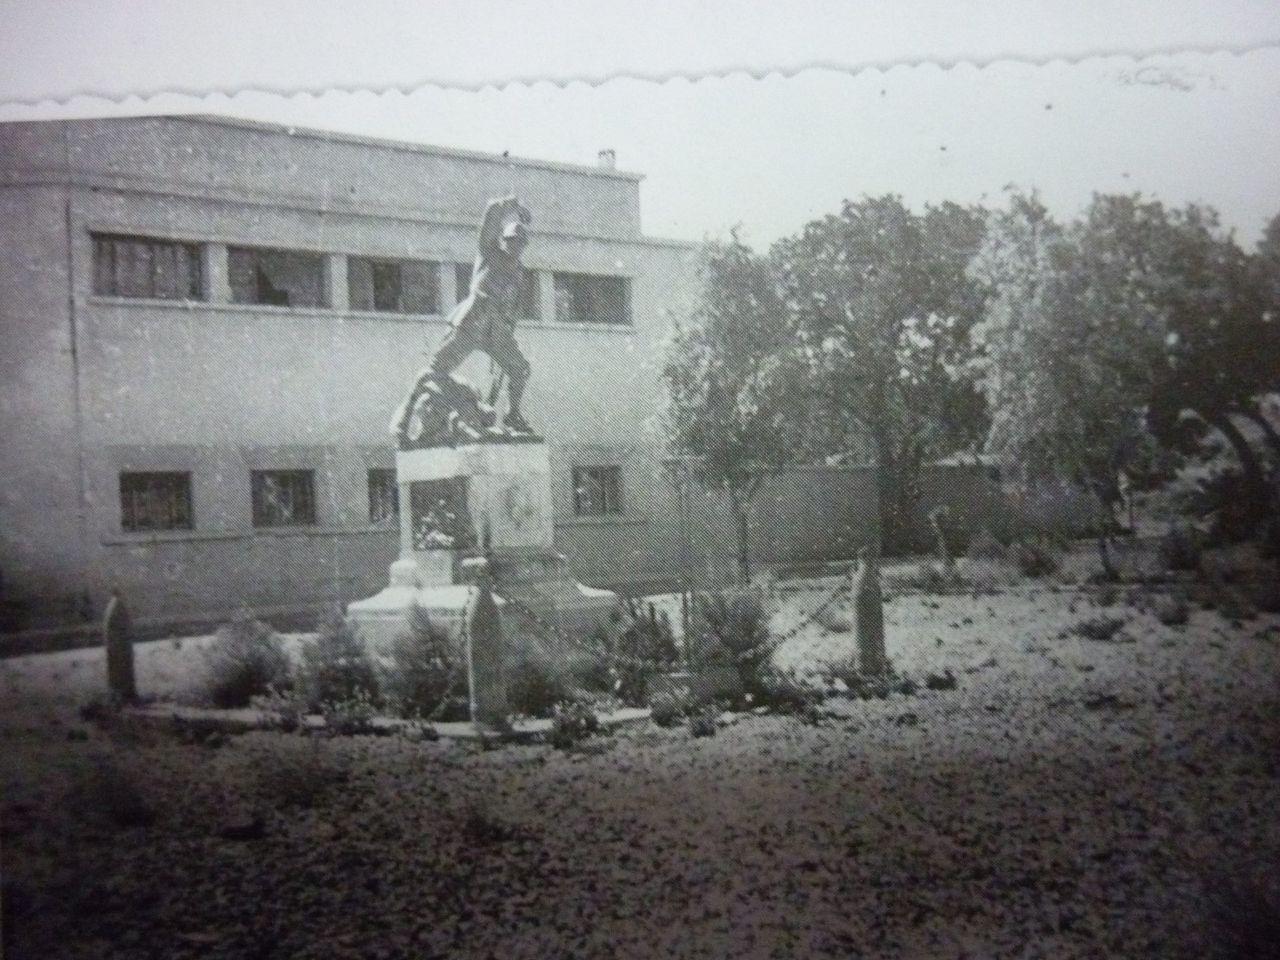 Το άγαλμα του Αγνώστου Στρατιώτη που υπήρχε στην μικρή πλατεία μπροστά από την είσοδο του κτιρίου